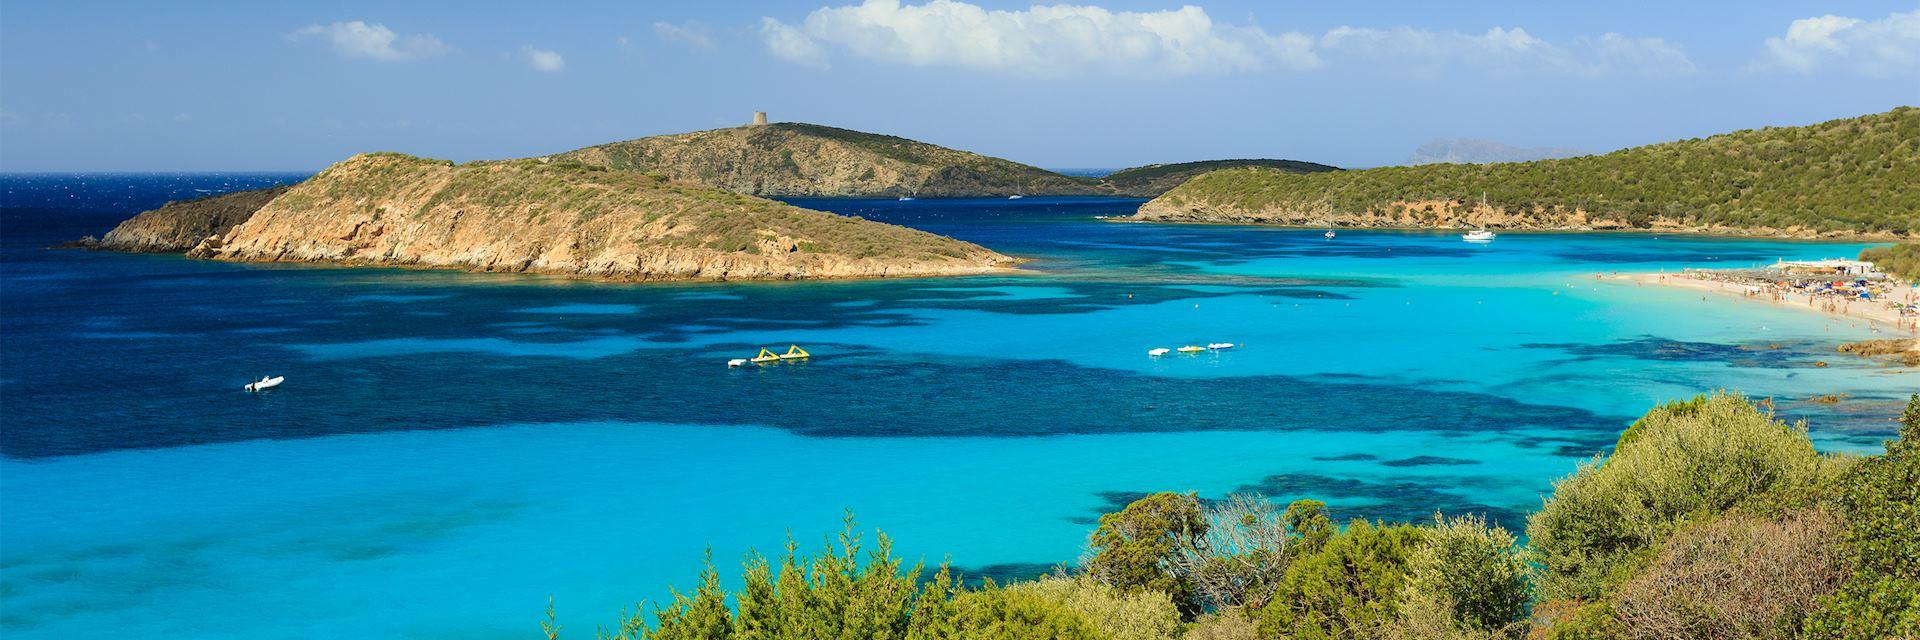 Southern Sardinia coastline